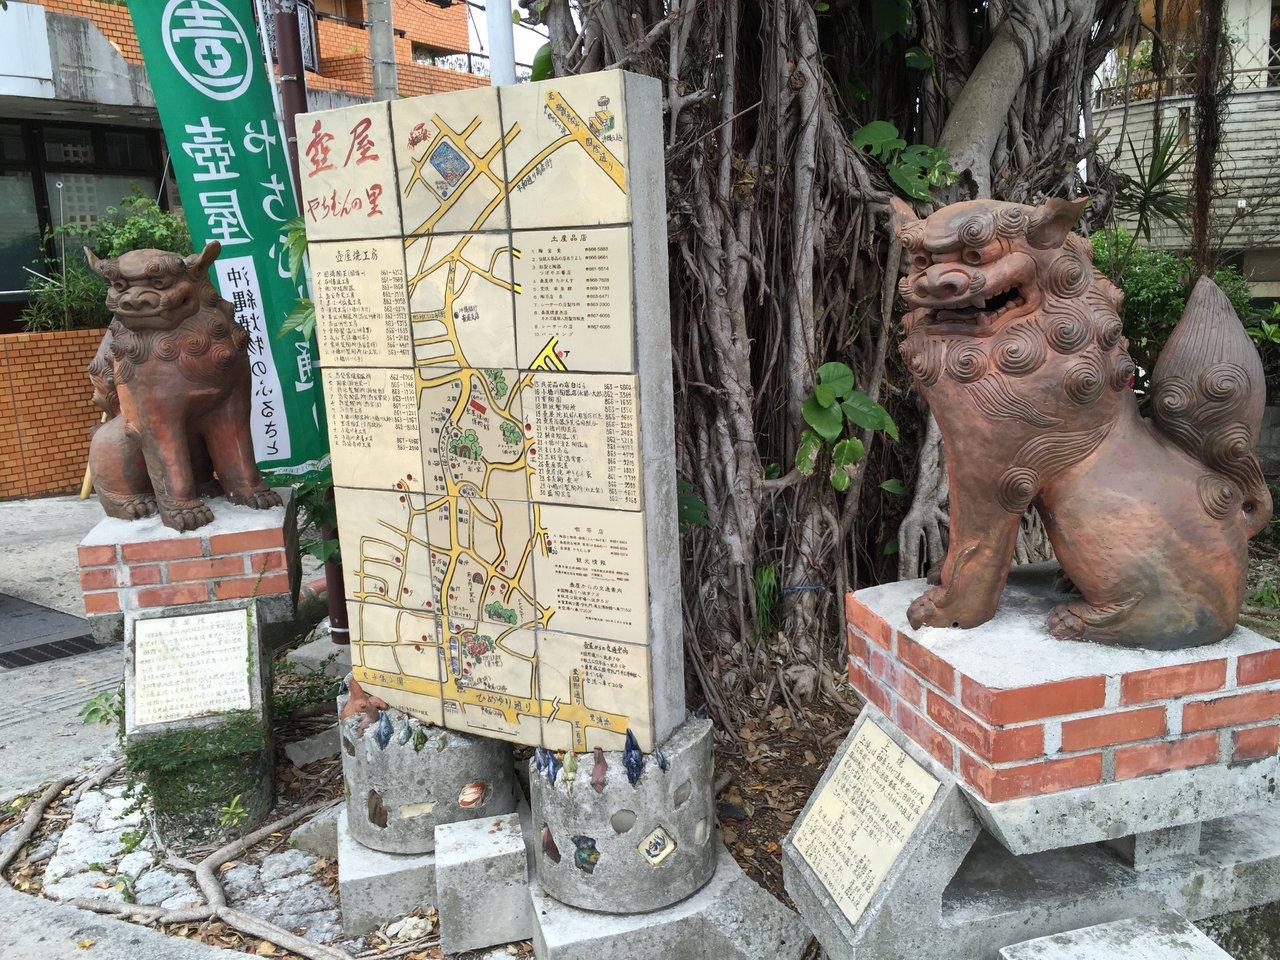 国際通りでゆったり沖縄時間を楽しむなら「壺屋やちむん通り」